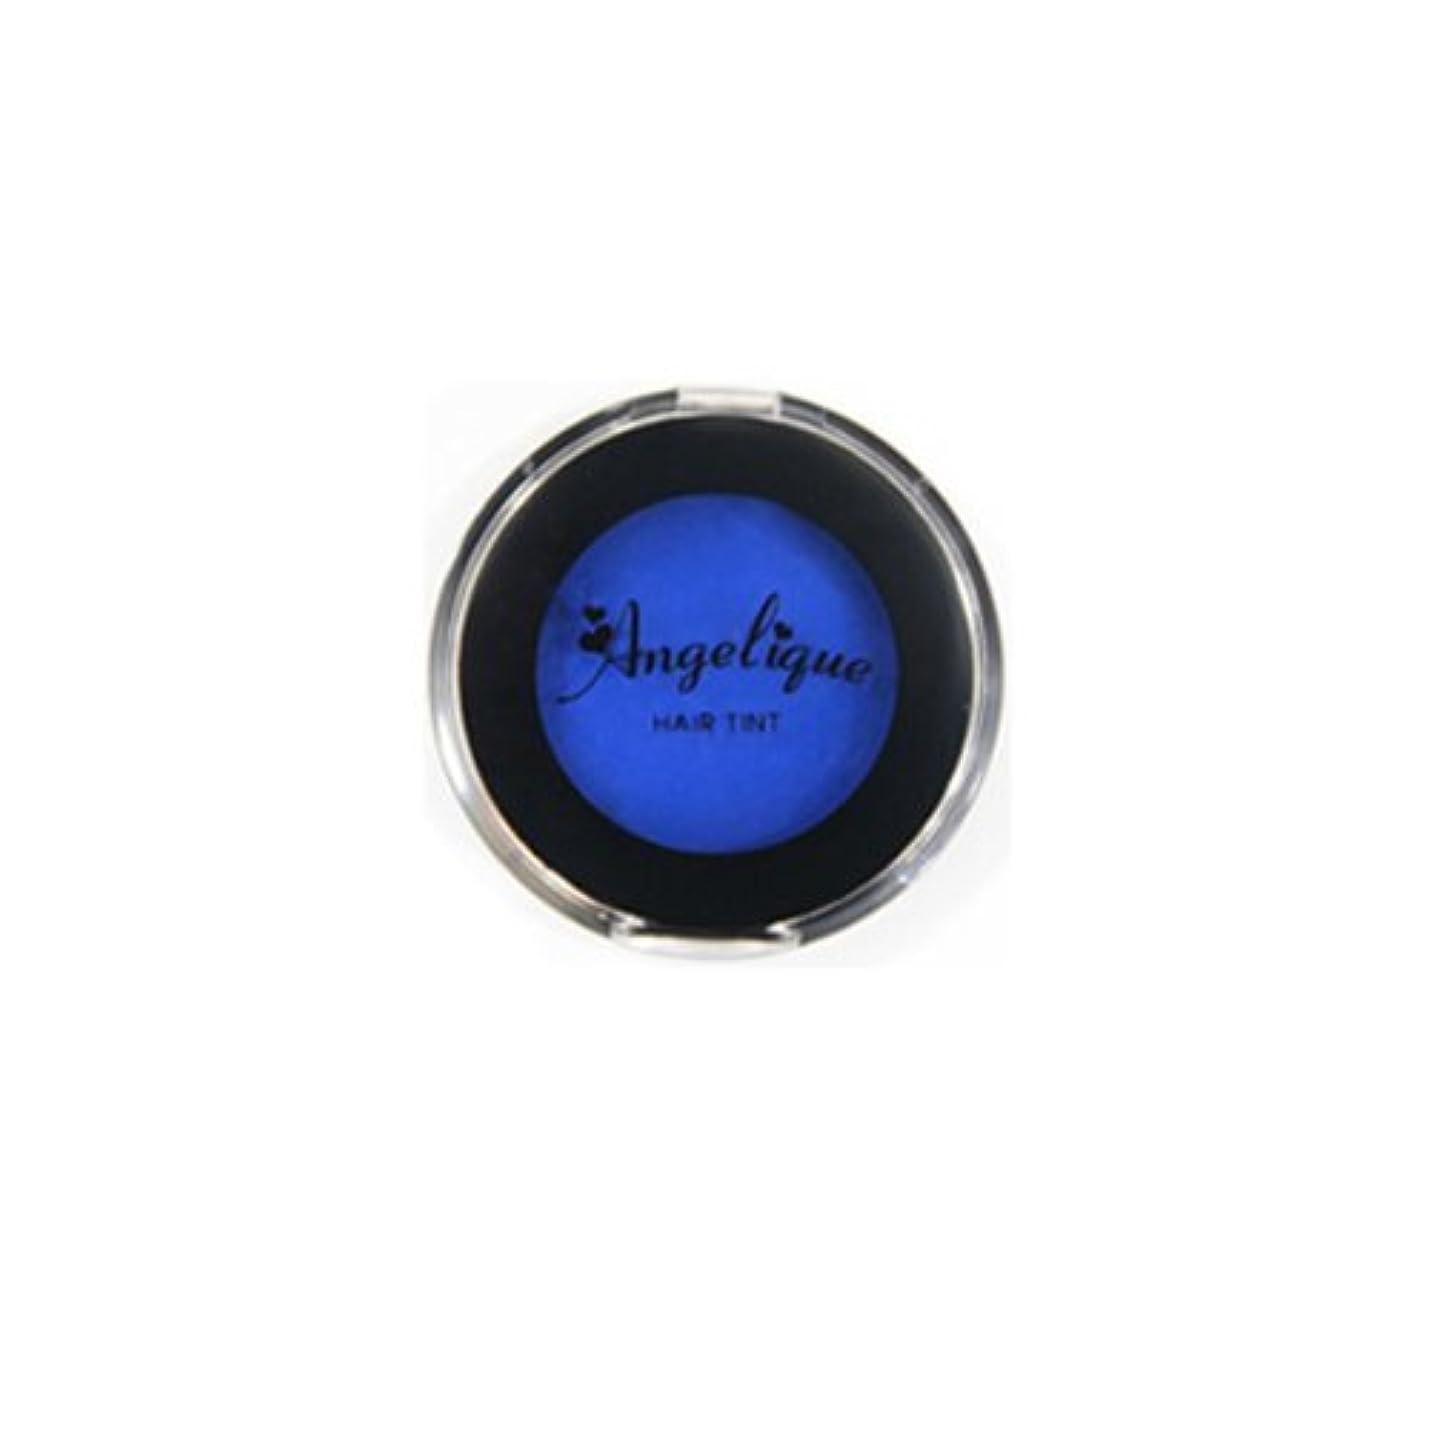 贅沢追記限界Angelique(アンジェリーク) ヘアチョーク ティント TINT ヘアカラーチョーク パウダータイプ ブルー